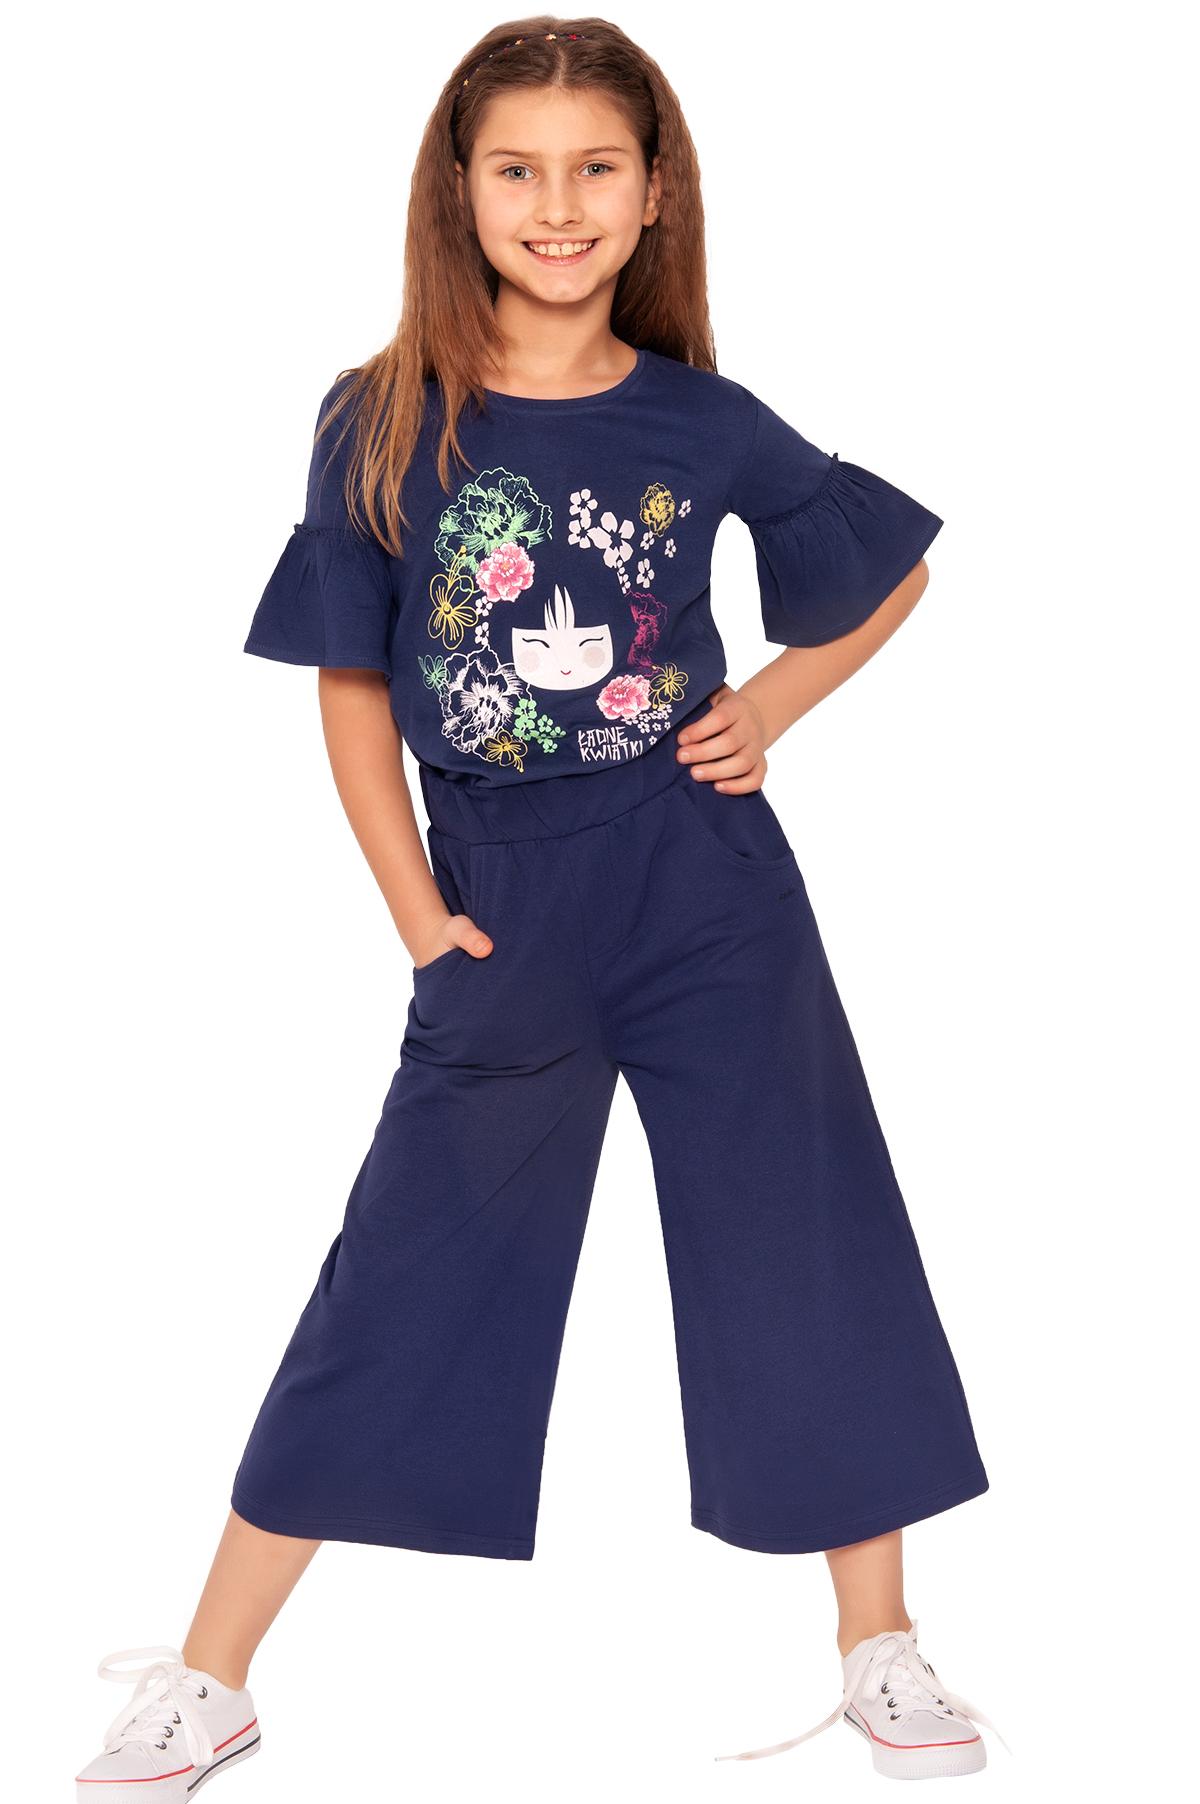 Granatowa bluzka dziewczęca i spodnie kuloty, z kolekcji Japonia, zdjęcie z sesji zdjęciowej